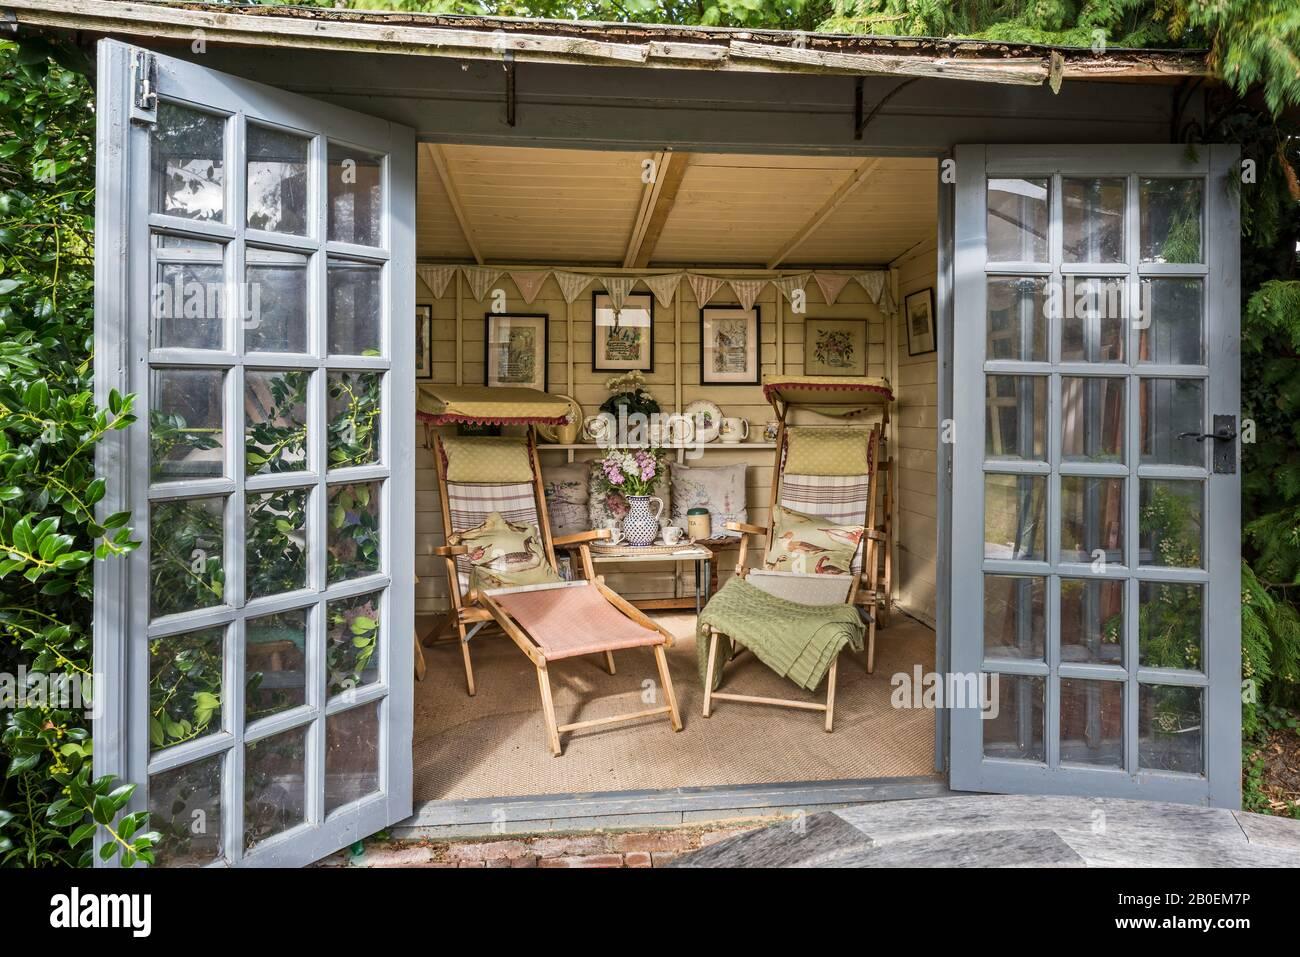 Sedie d'epoca rivestite in tessuto resti con una collezione di 1950s ricamati quadri. Foto Stock